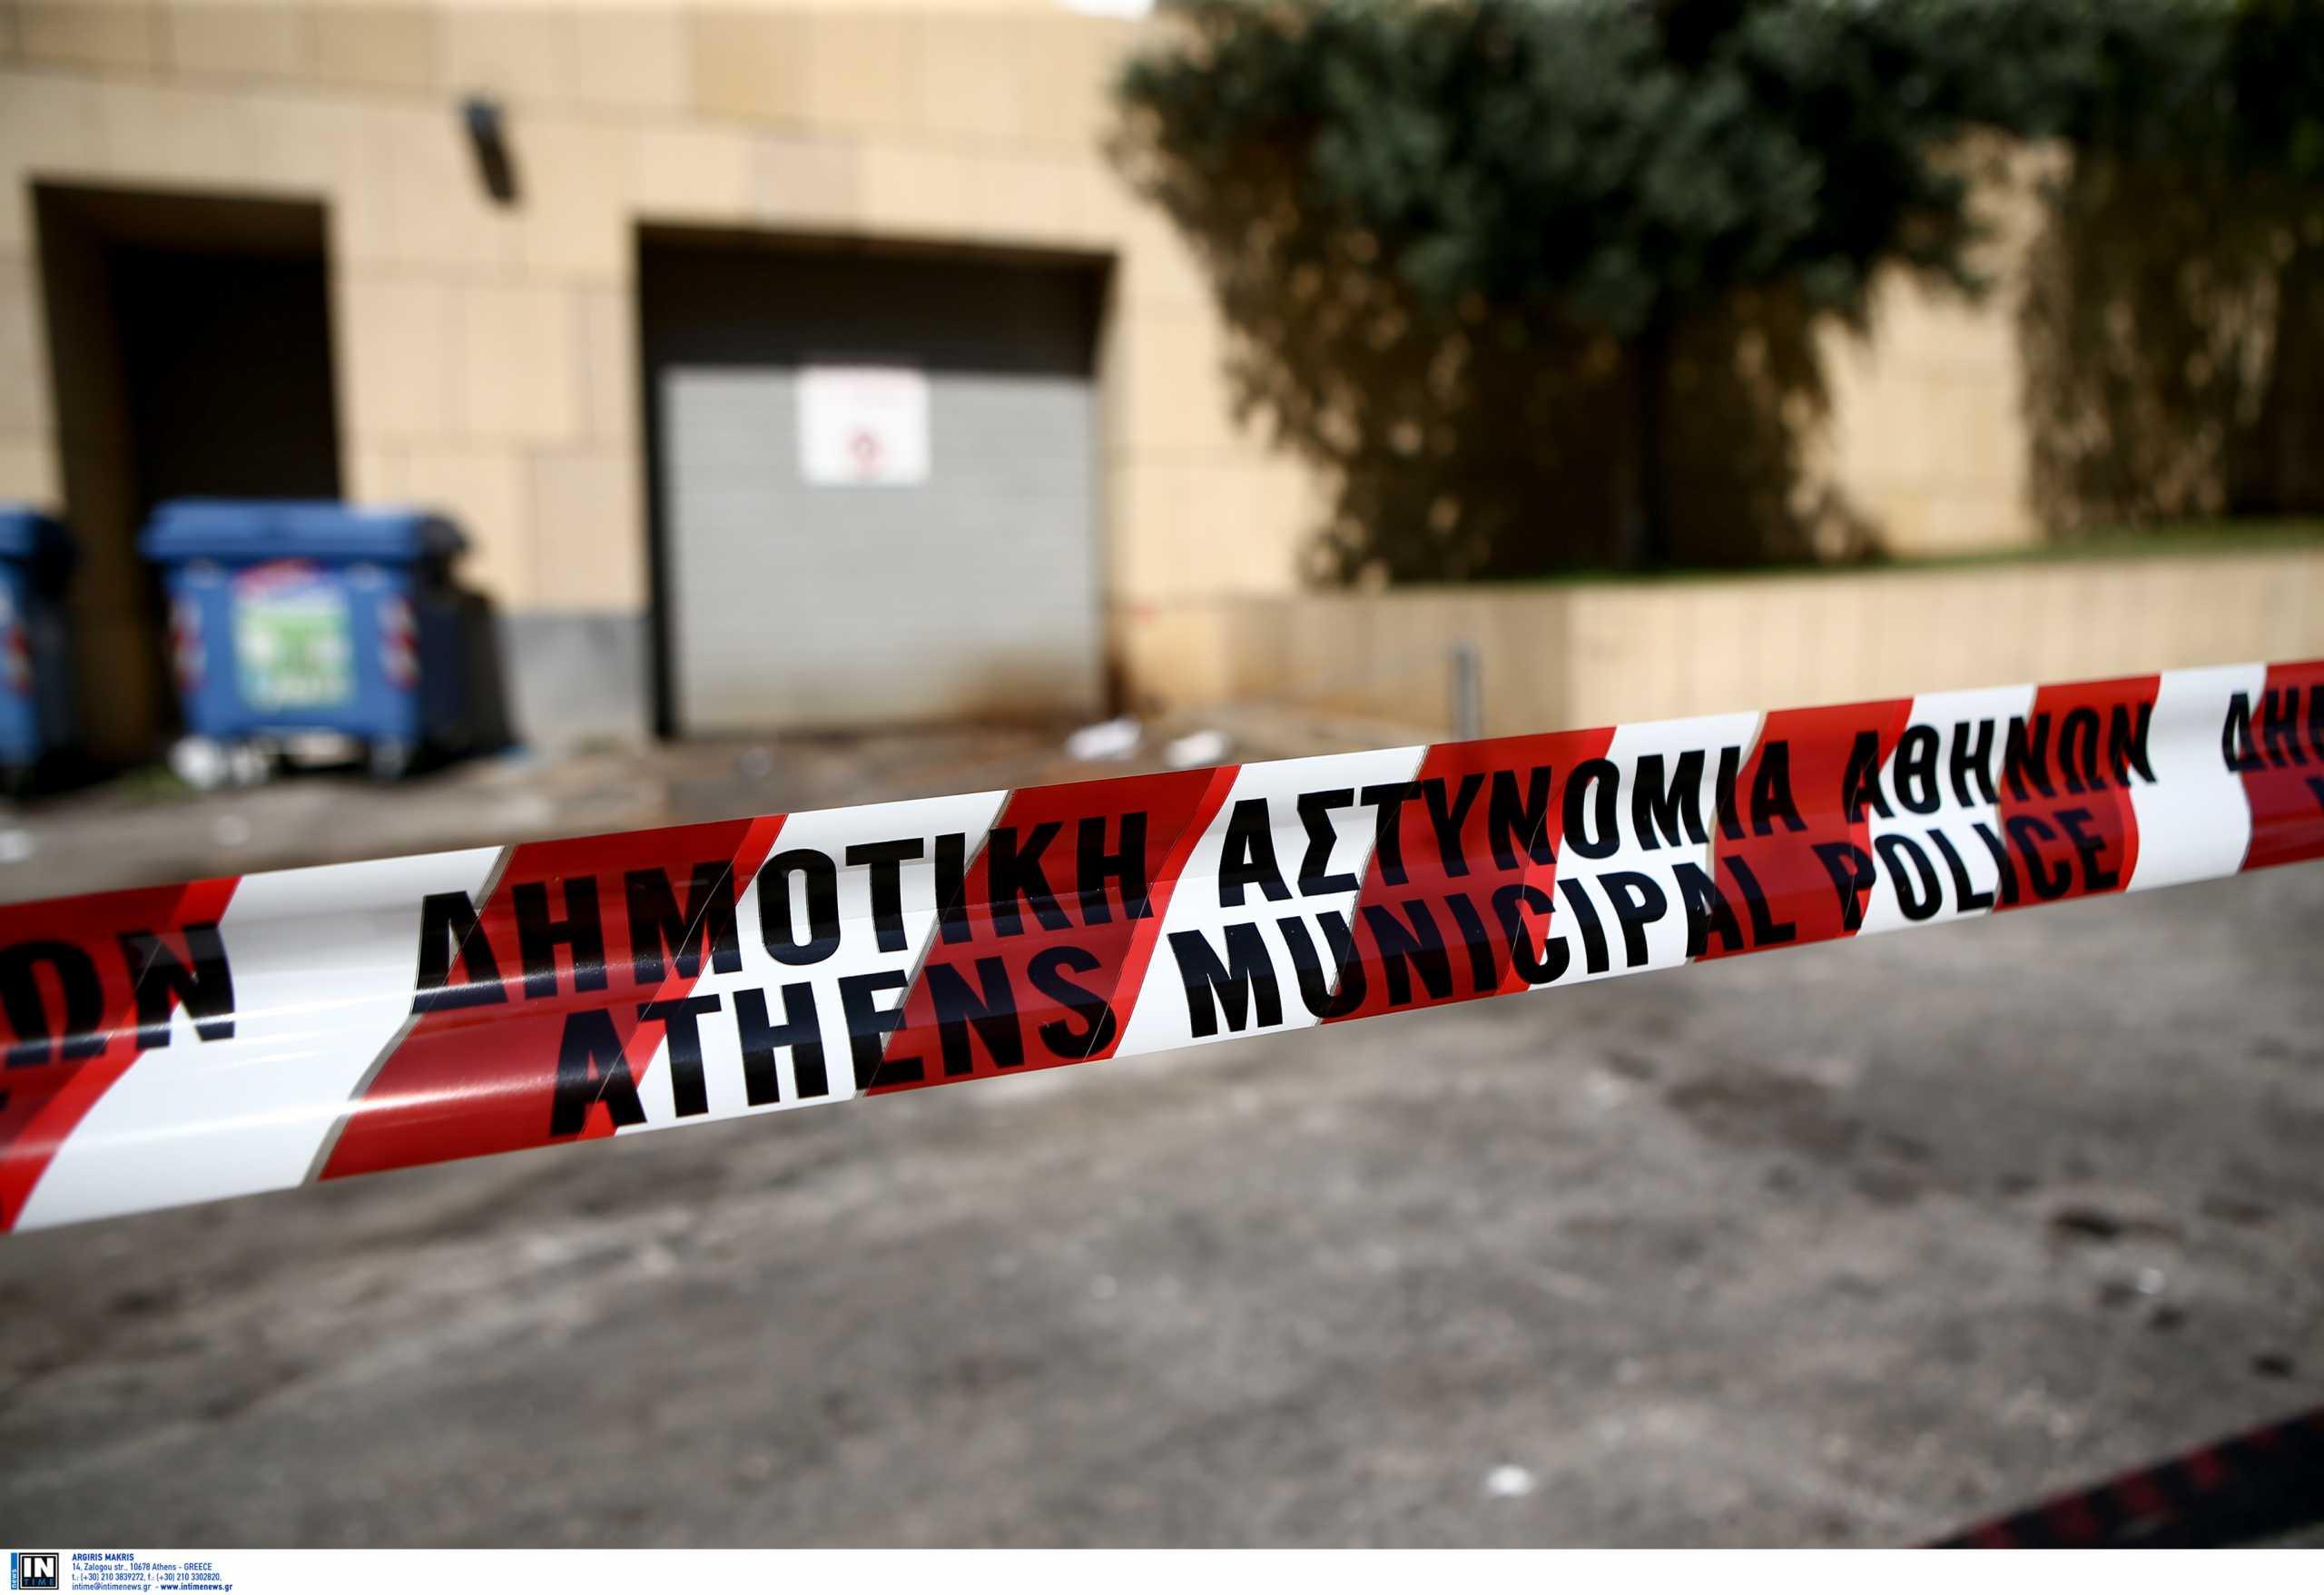 Πάτρα: Ισόβια για τη δολοφονία στο Μιντιλόγλι – Τον σκότωσαν στο ξύλο για ένα κινητό τηλέφωνο